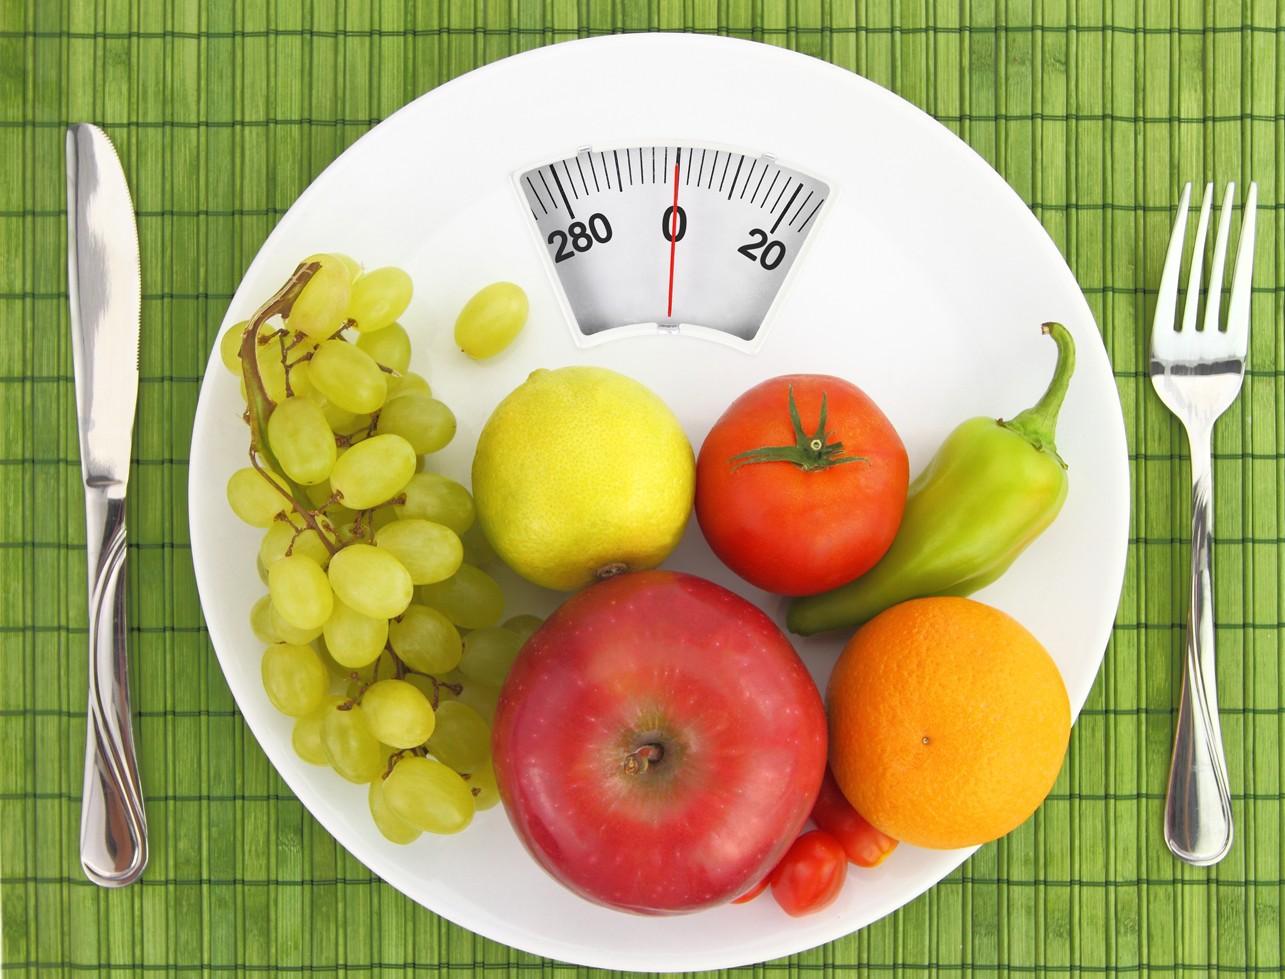 Atendimento Nutricional em Academia um Prato Saudável